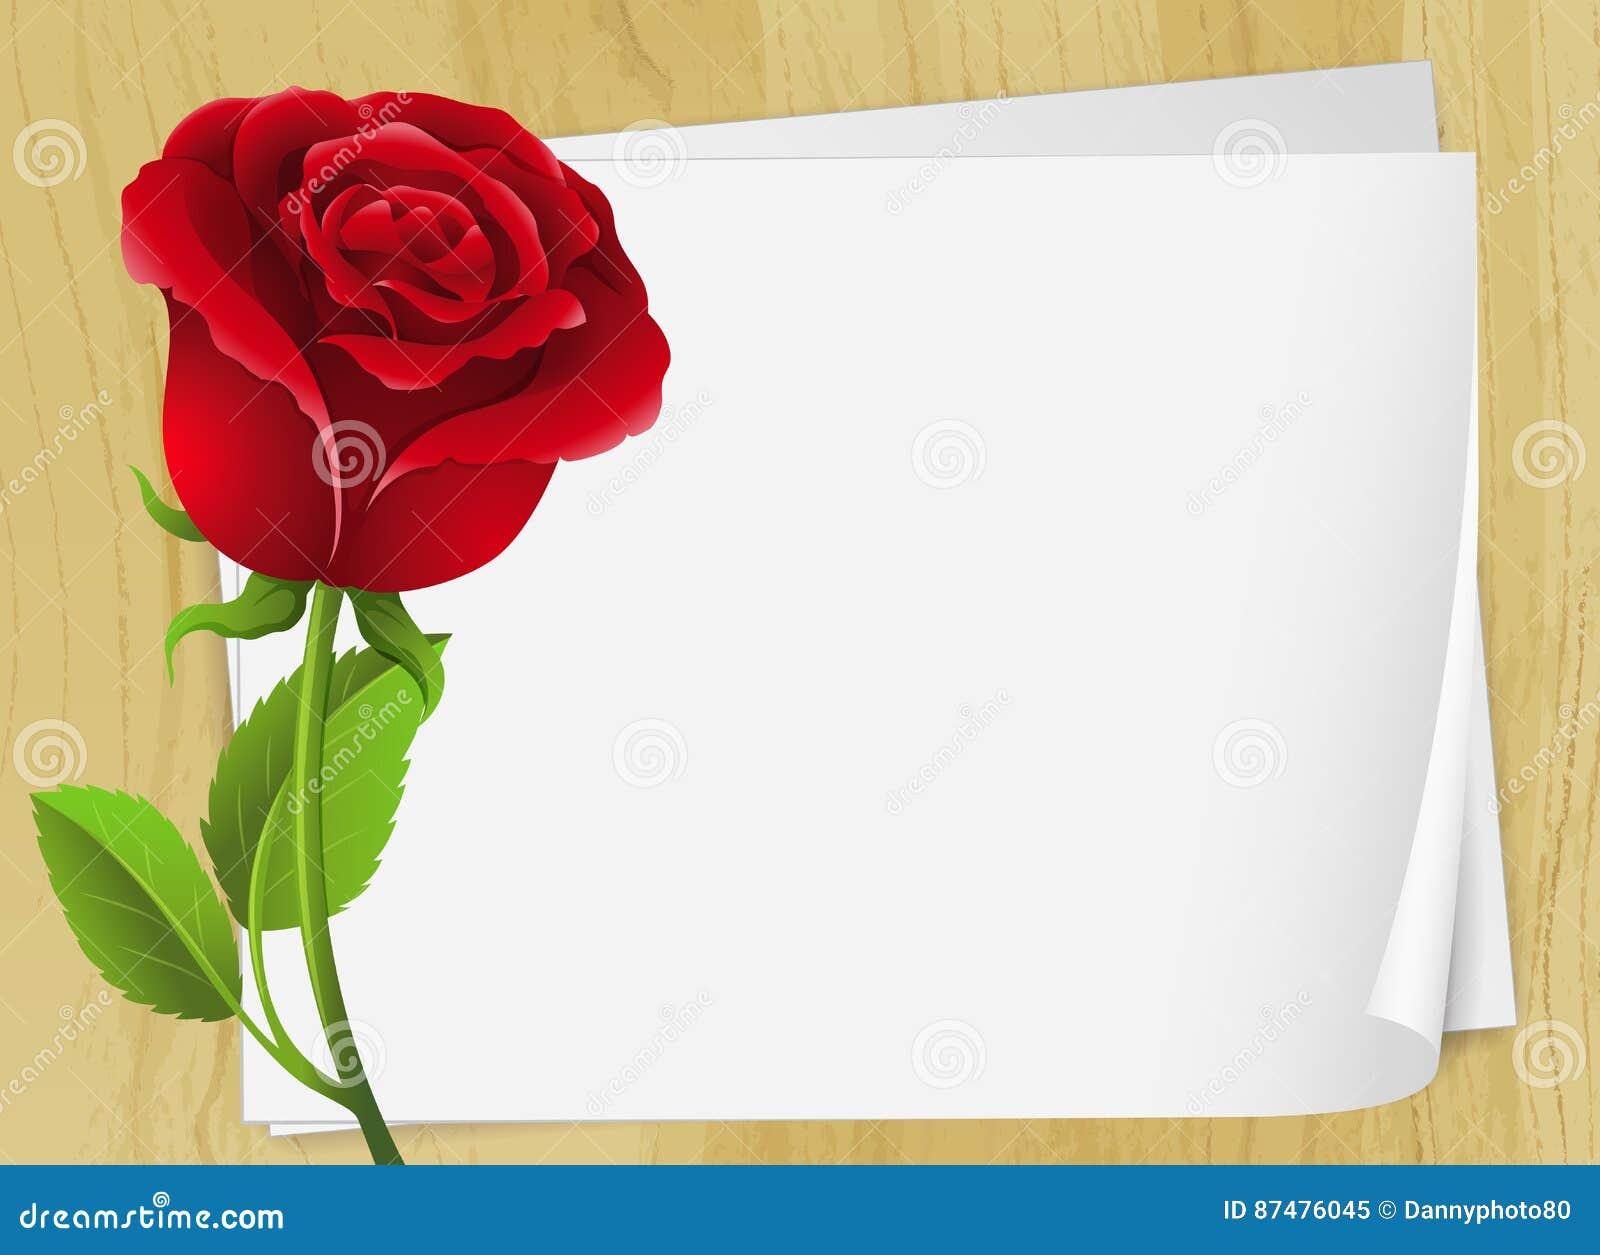 Дизайн рамки с красной розой